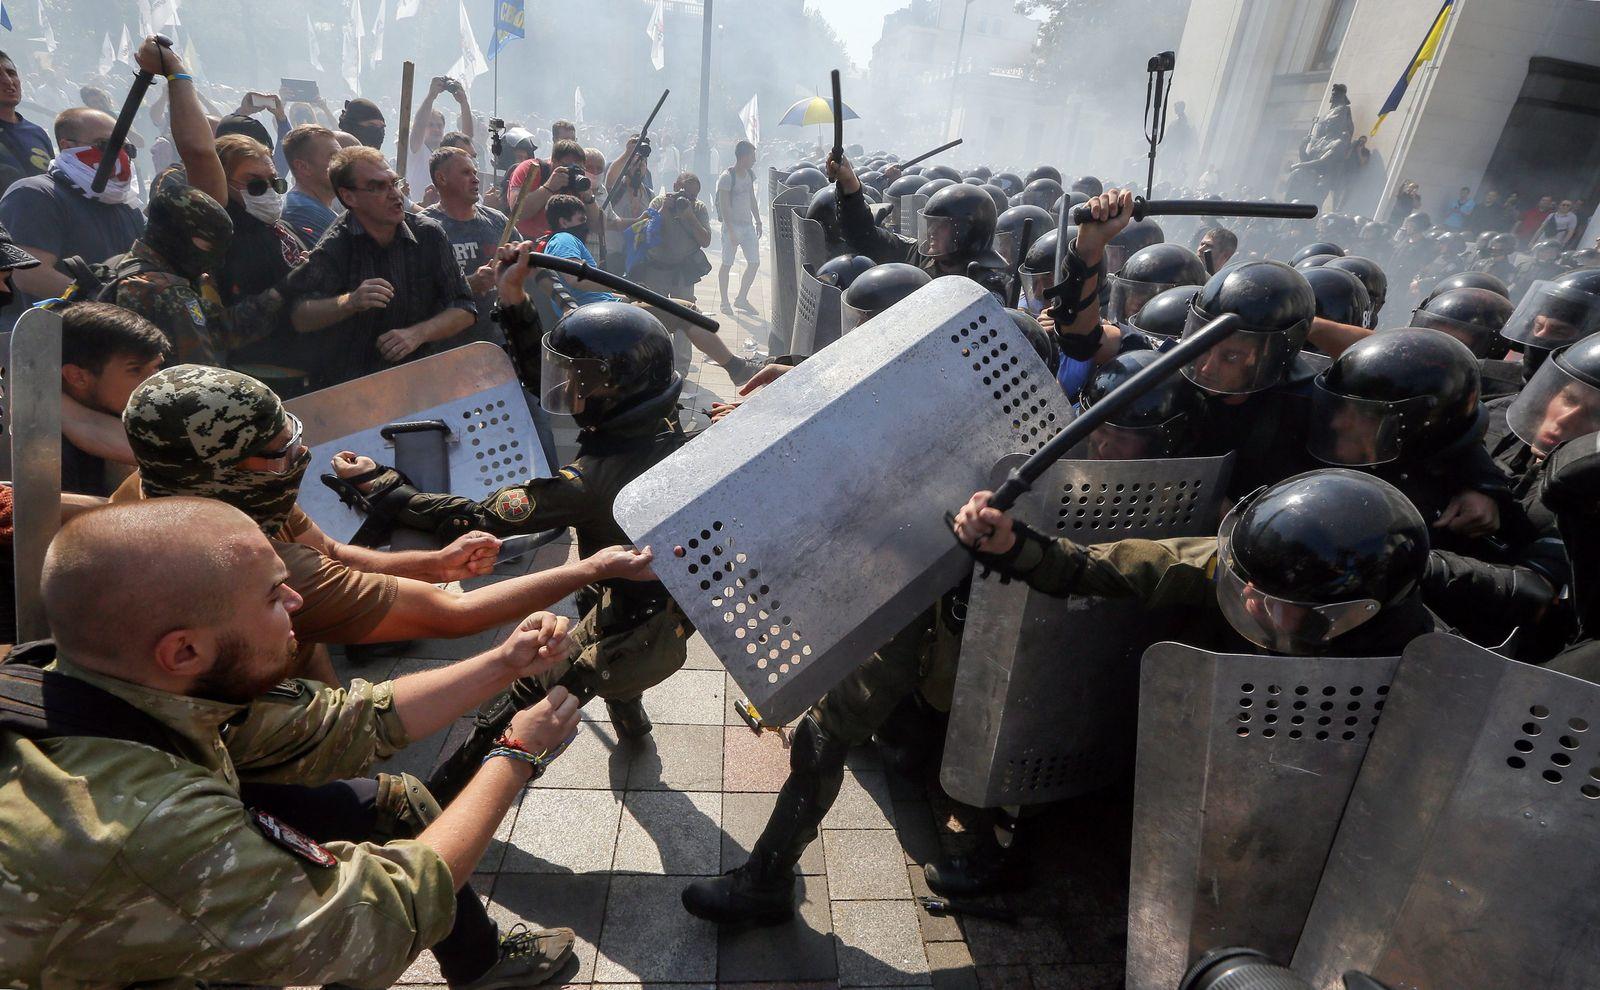 Ukraine/ Kiew/ Verfassungsabstimmung/ Parlament/ Zusammenstösse